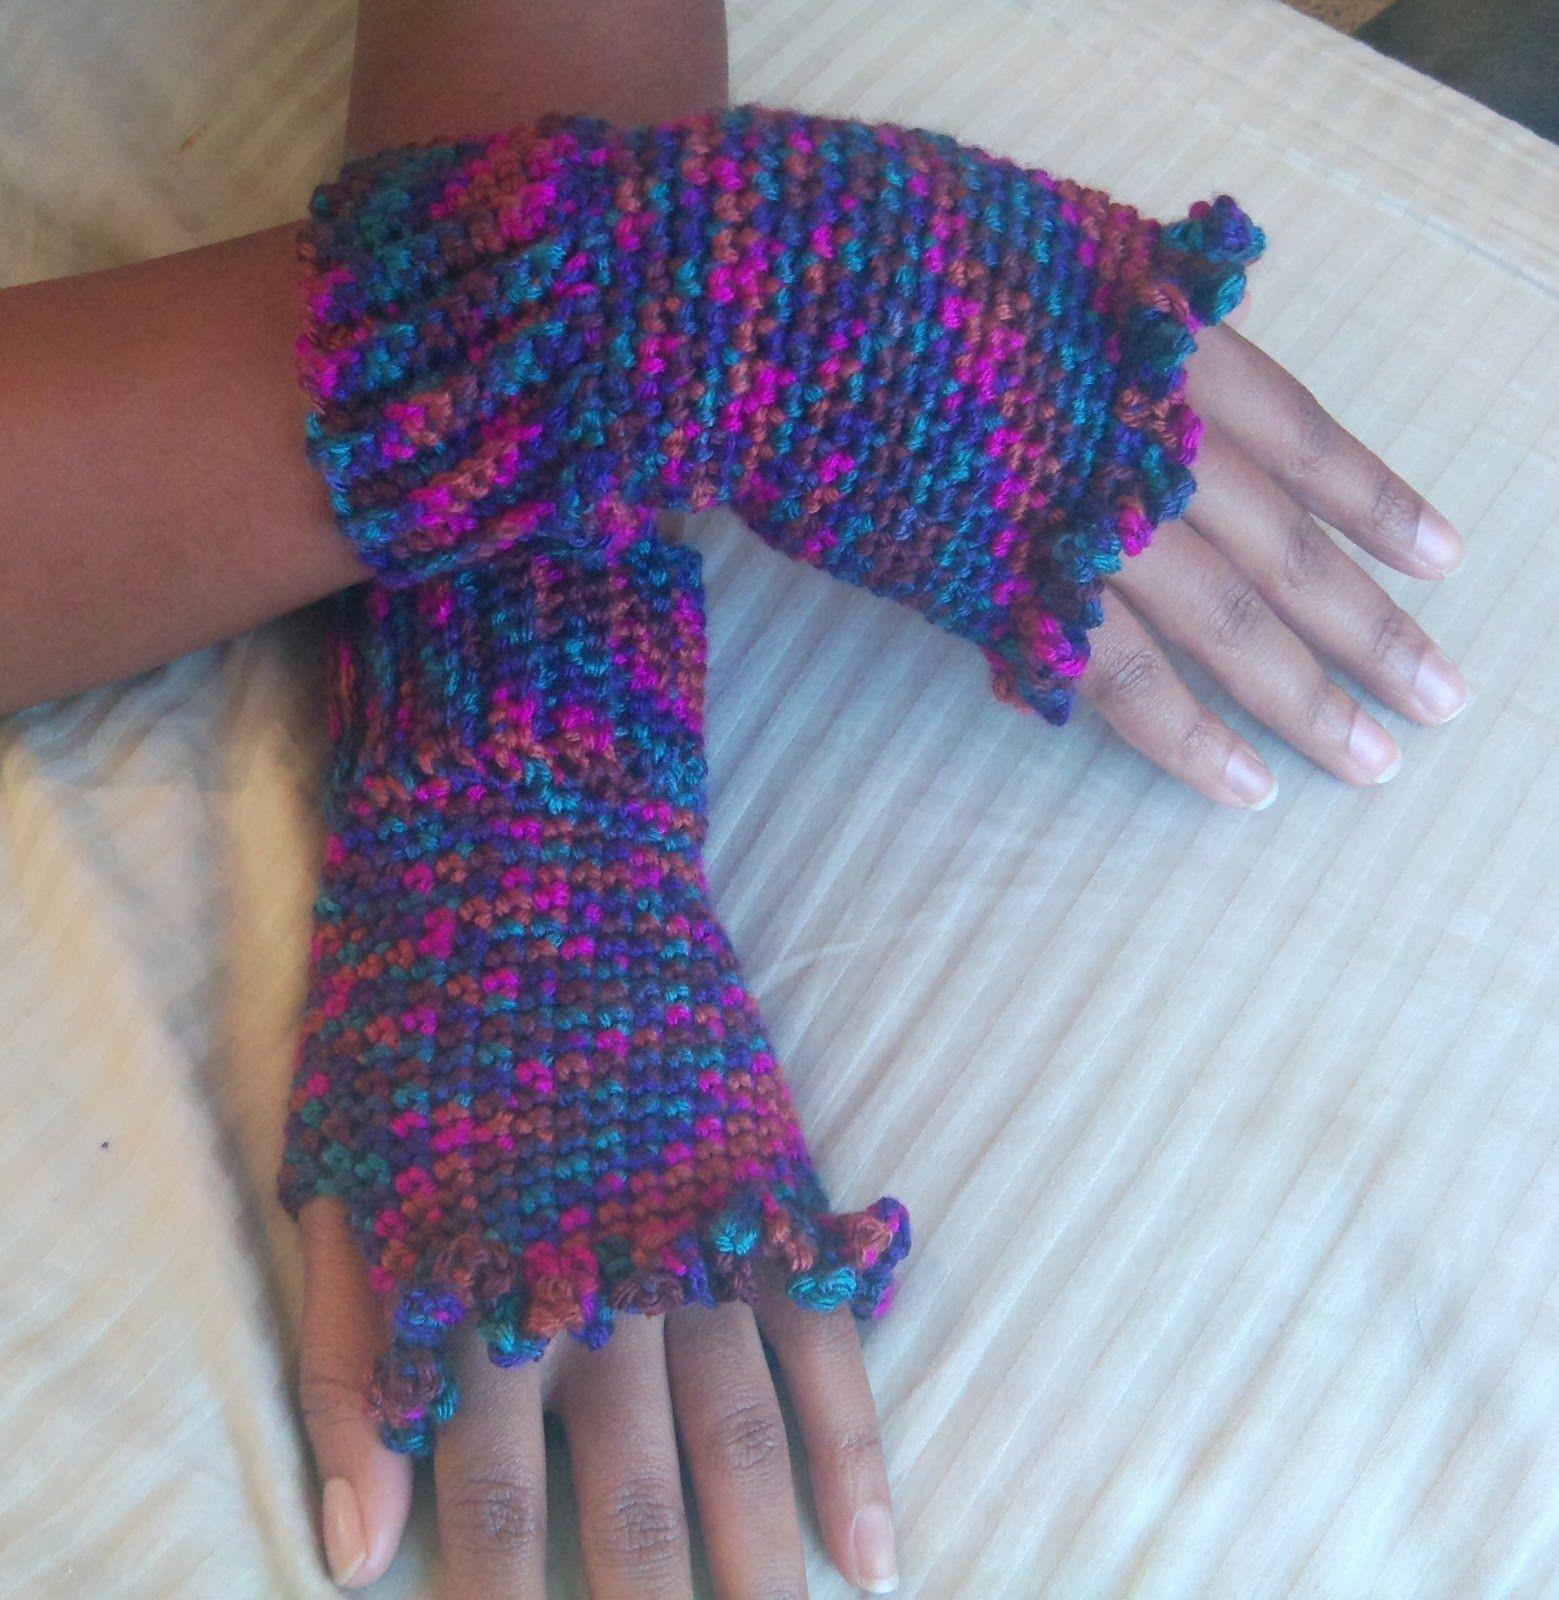 Diva Stitches Crochet Blog: Ruffled Fingerless Gloves | Crochet ...